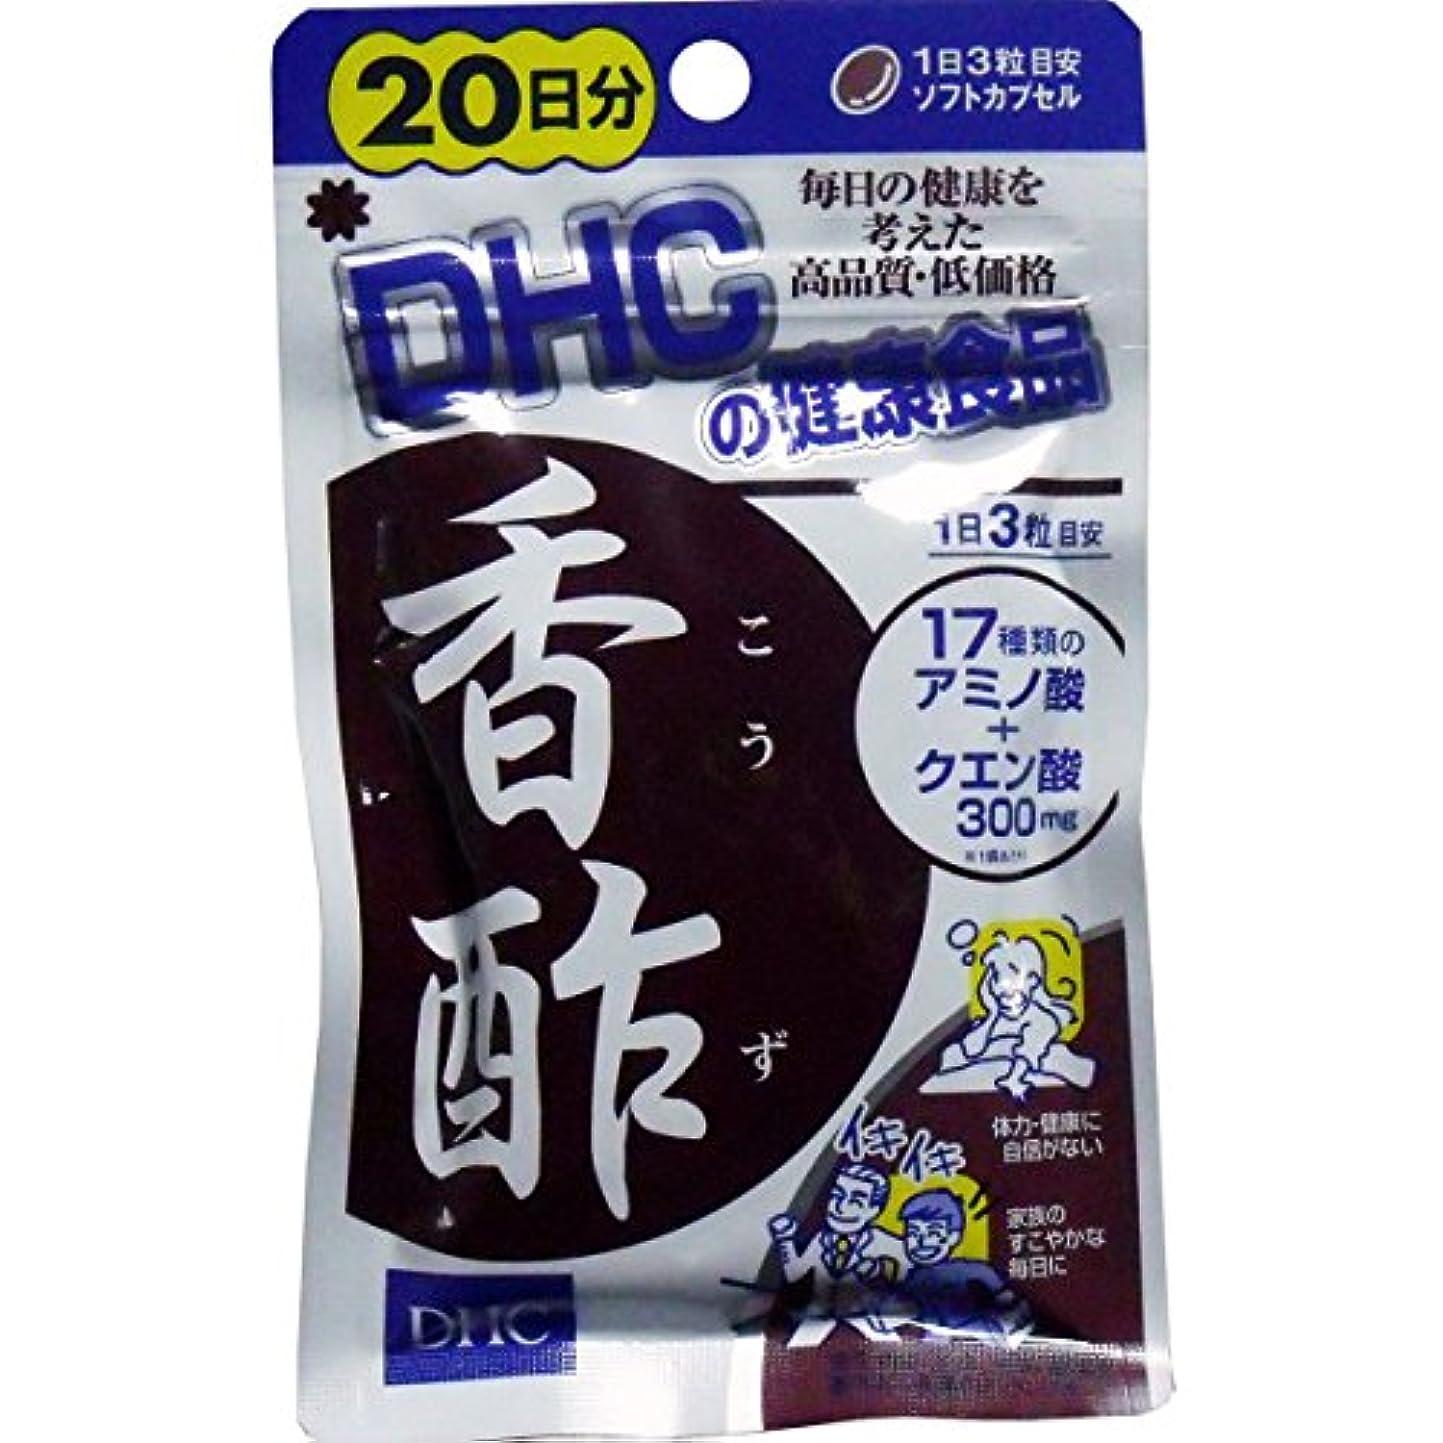 スキャン気を散らす強いますDHC サプリメント 香酢 60粒